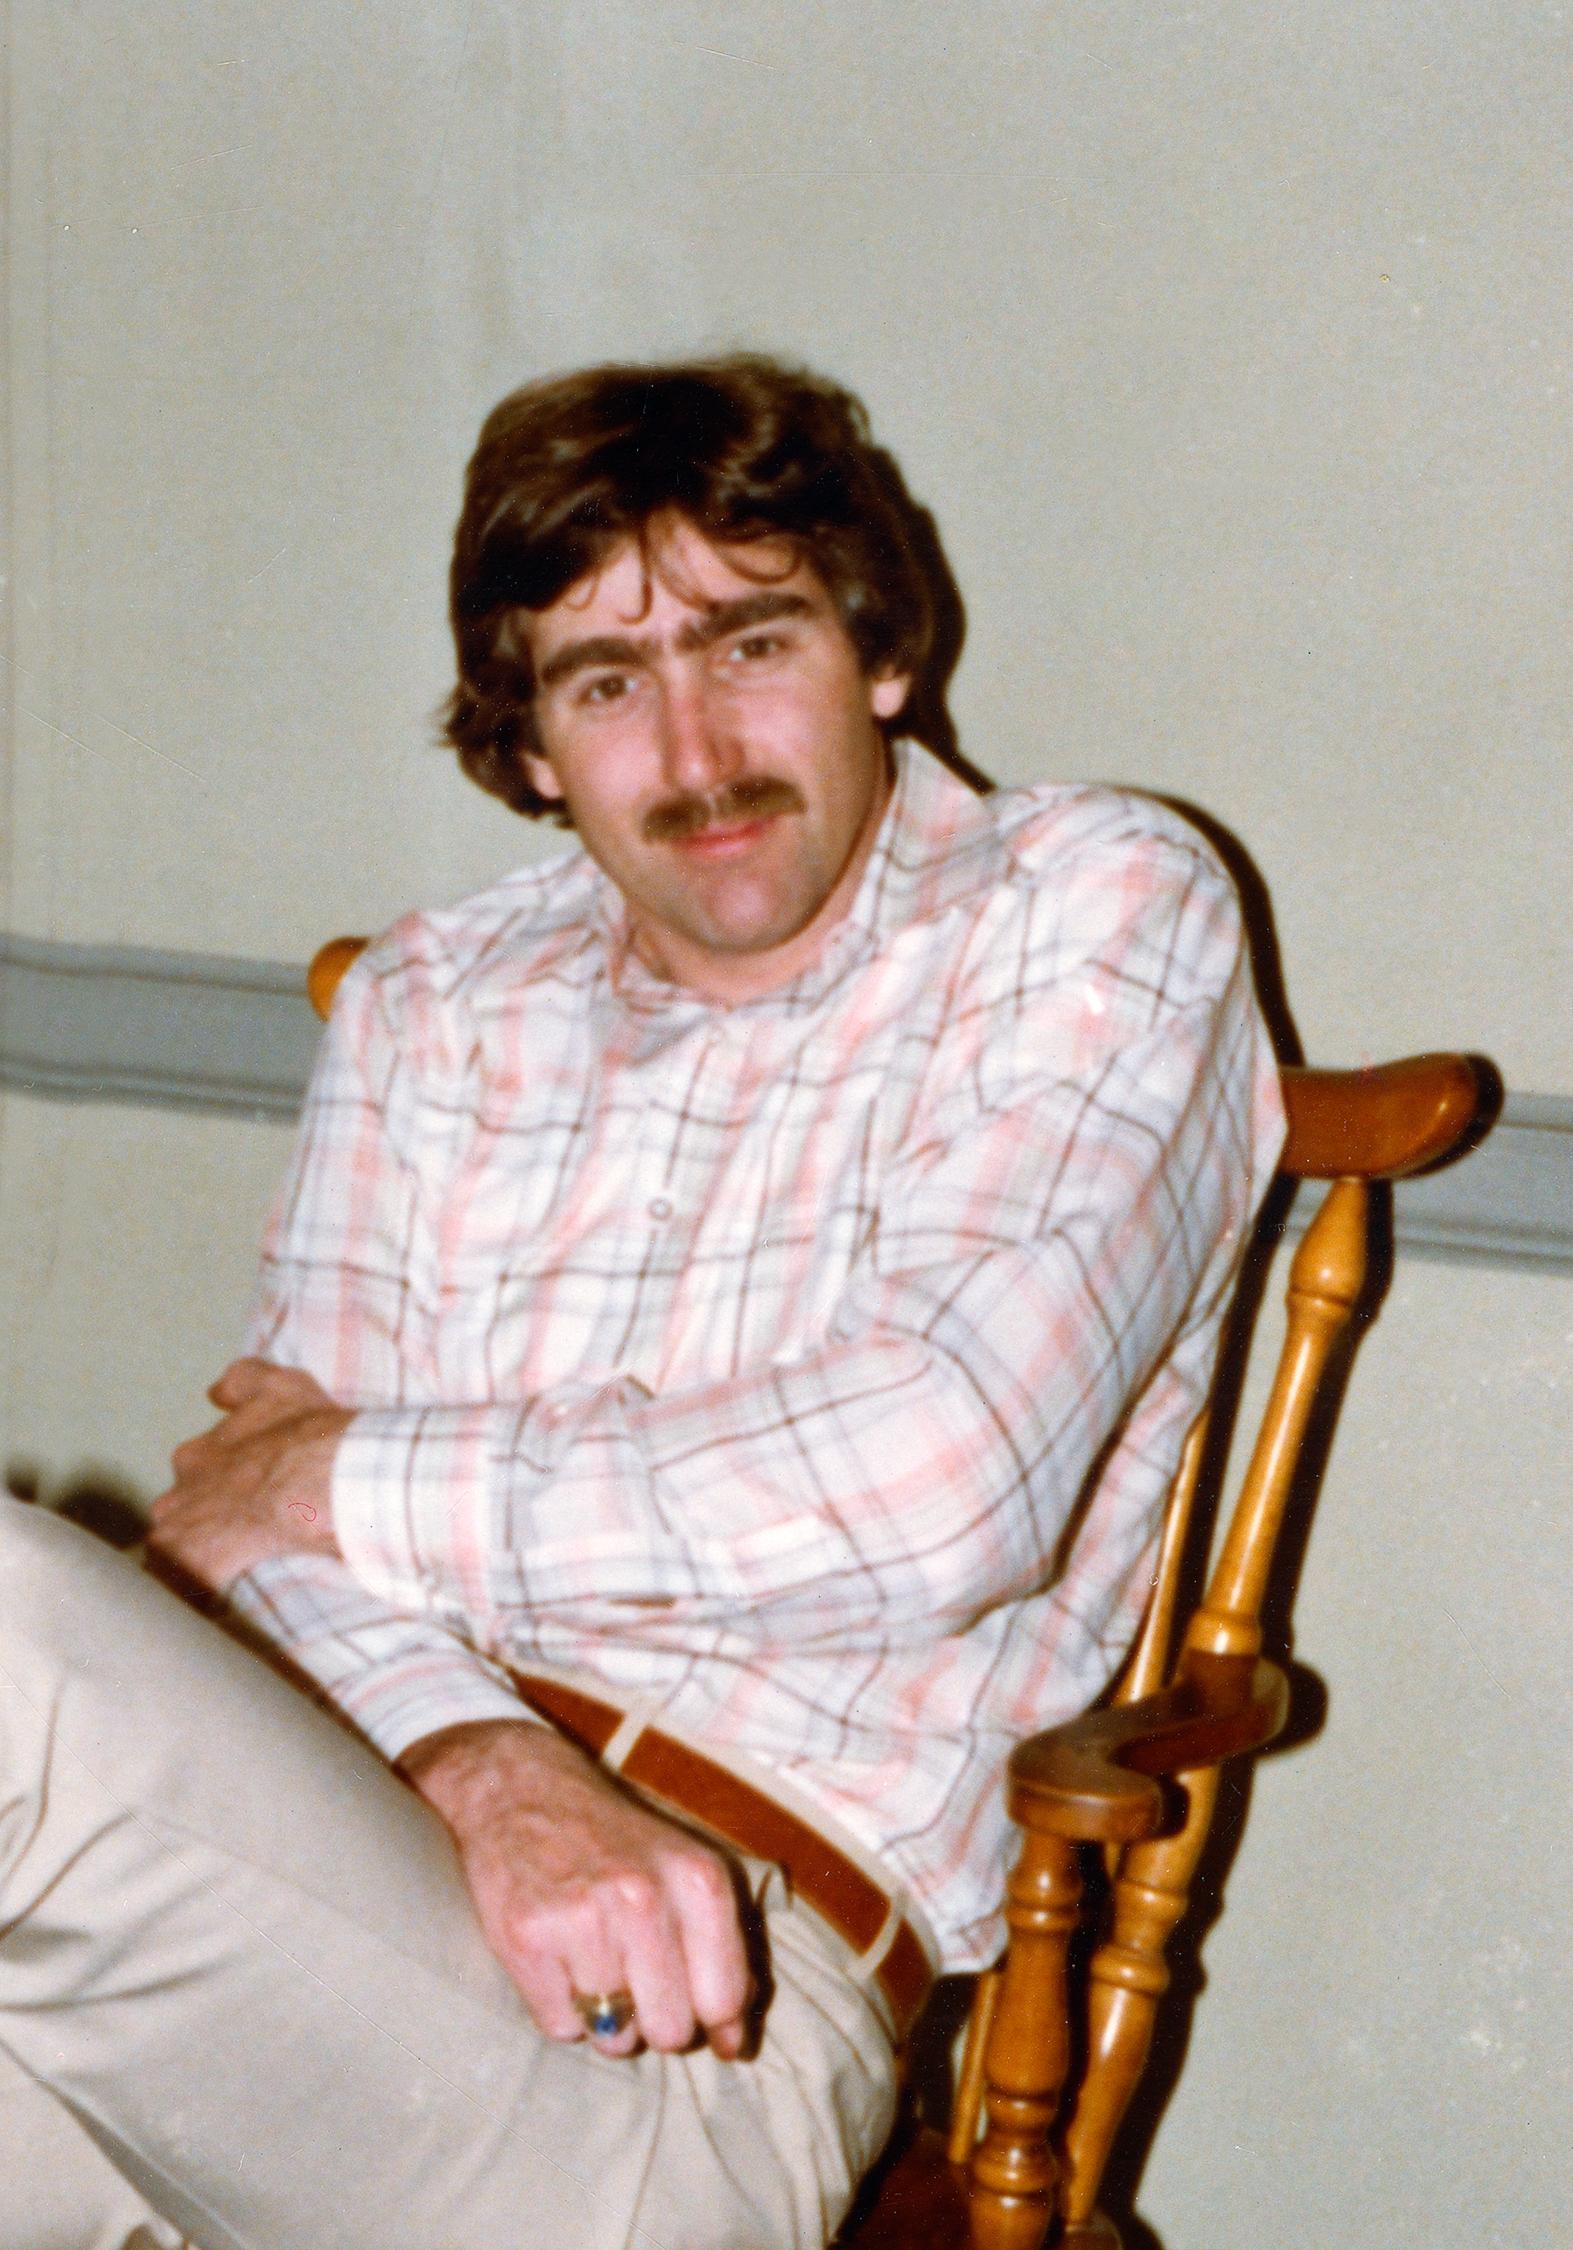 Bill Cleva